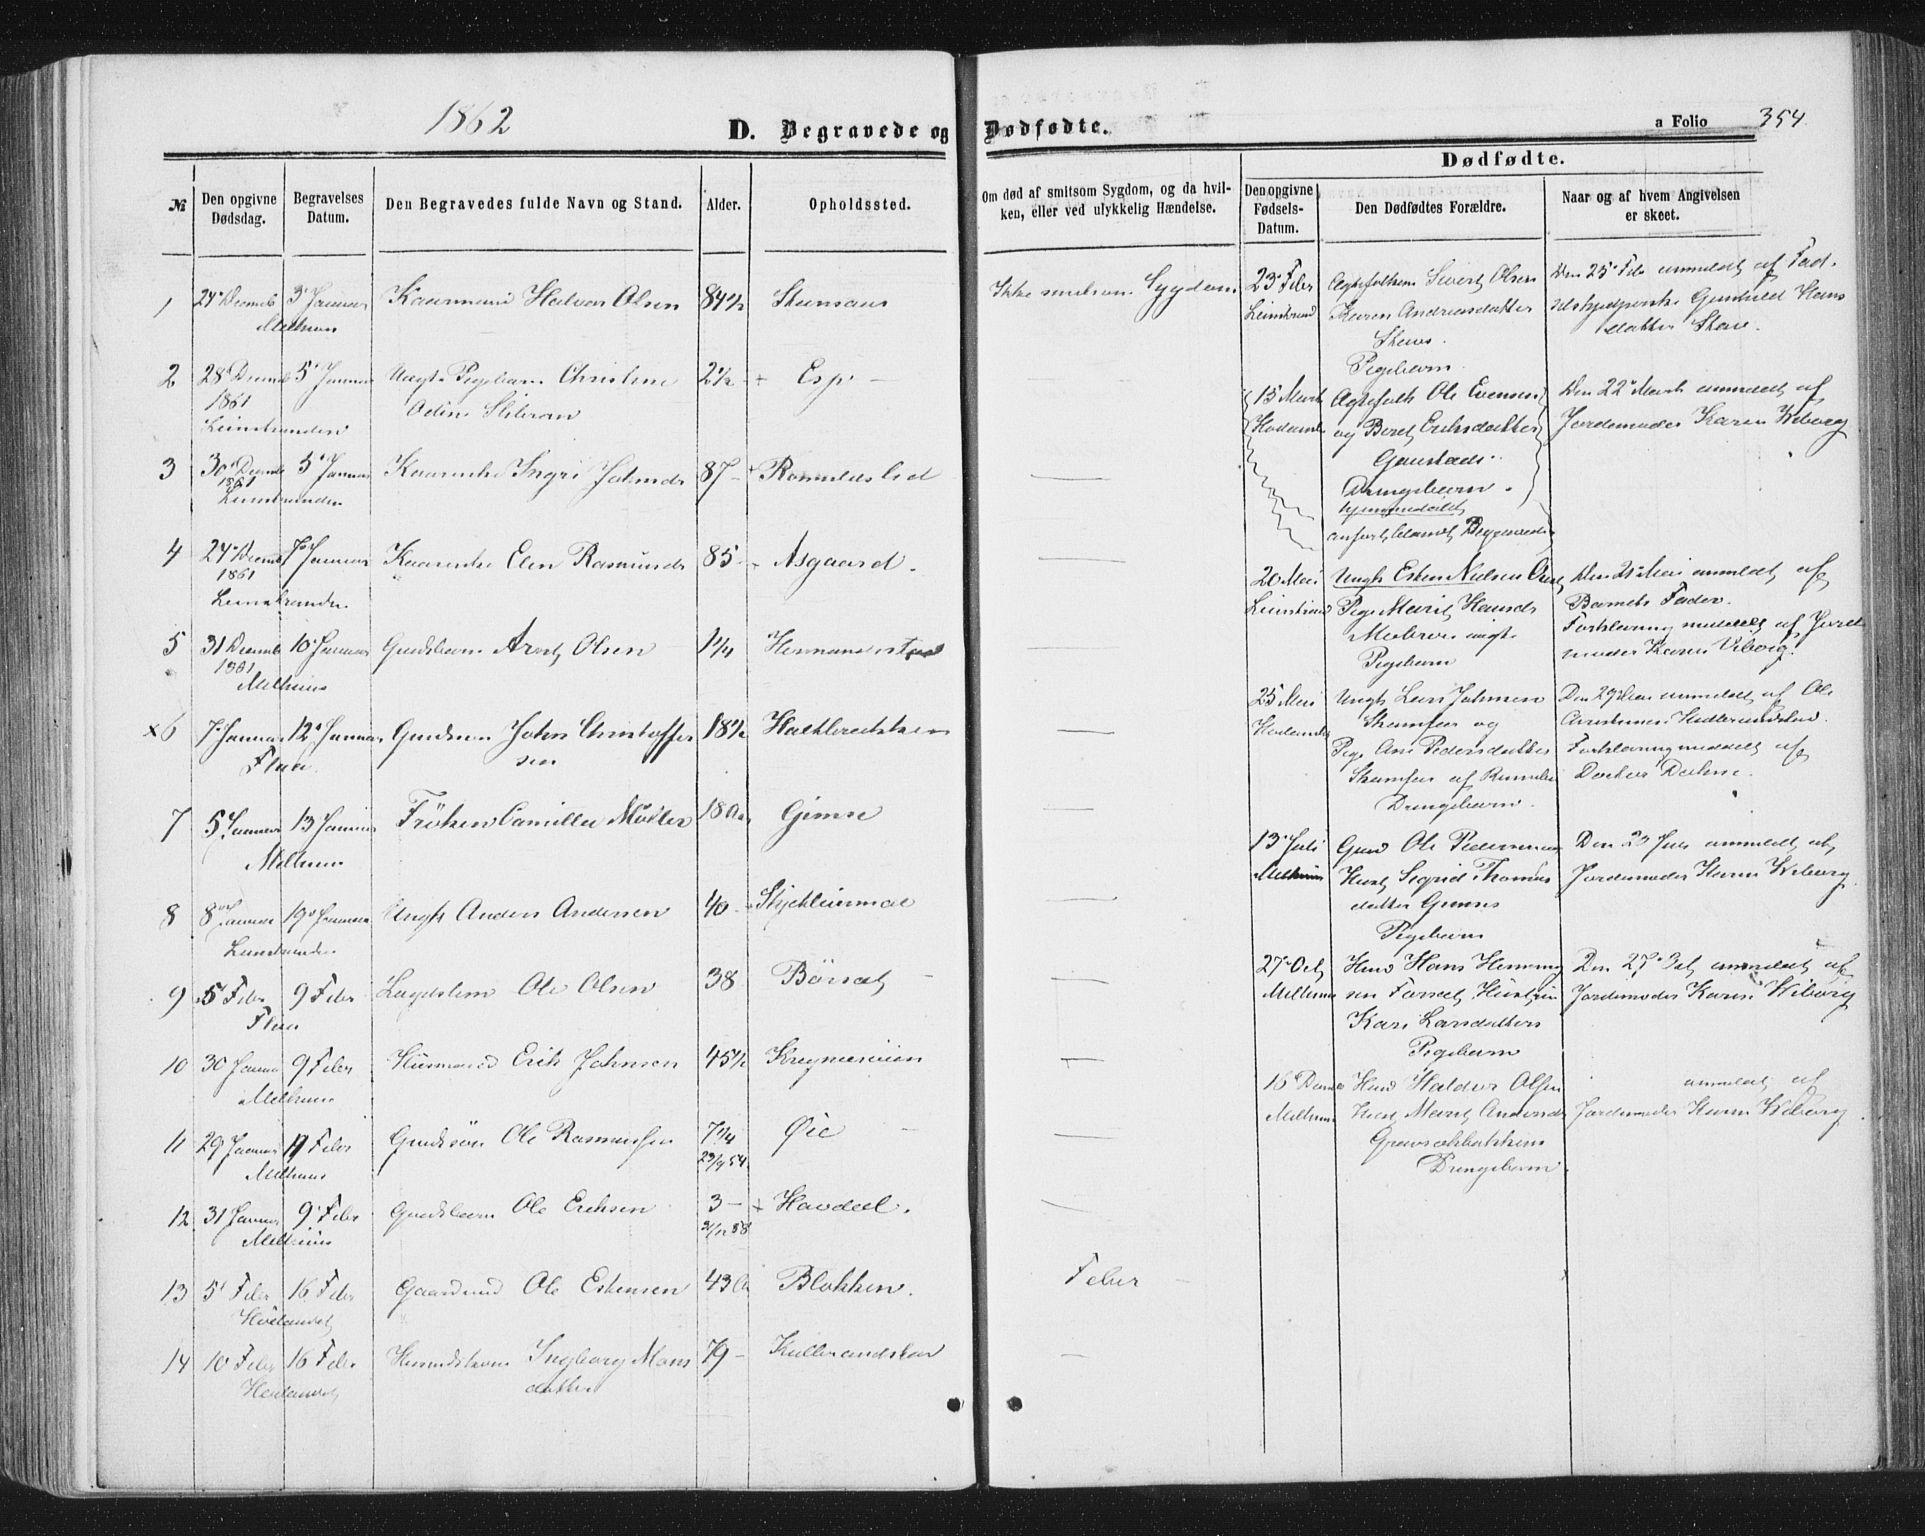 SAT, Ministerialprotokoller, klokkerbøker og fødselsregistre - Sør-Trøndelag, 691/L1077: Ministerialbok nr. 691A09, 1862-1873, s. 354